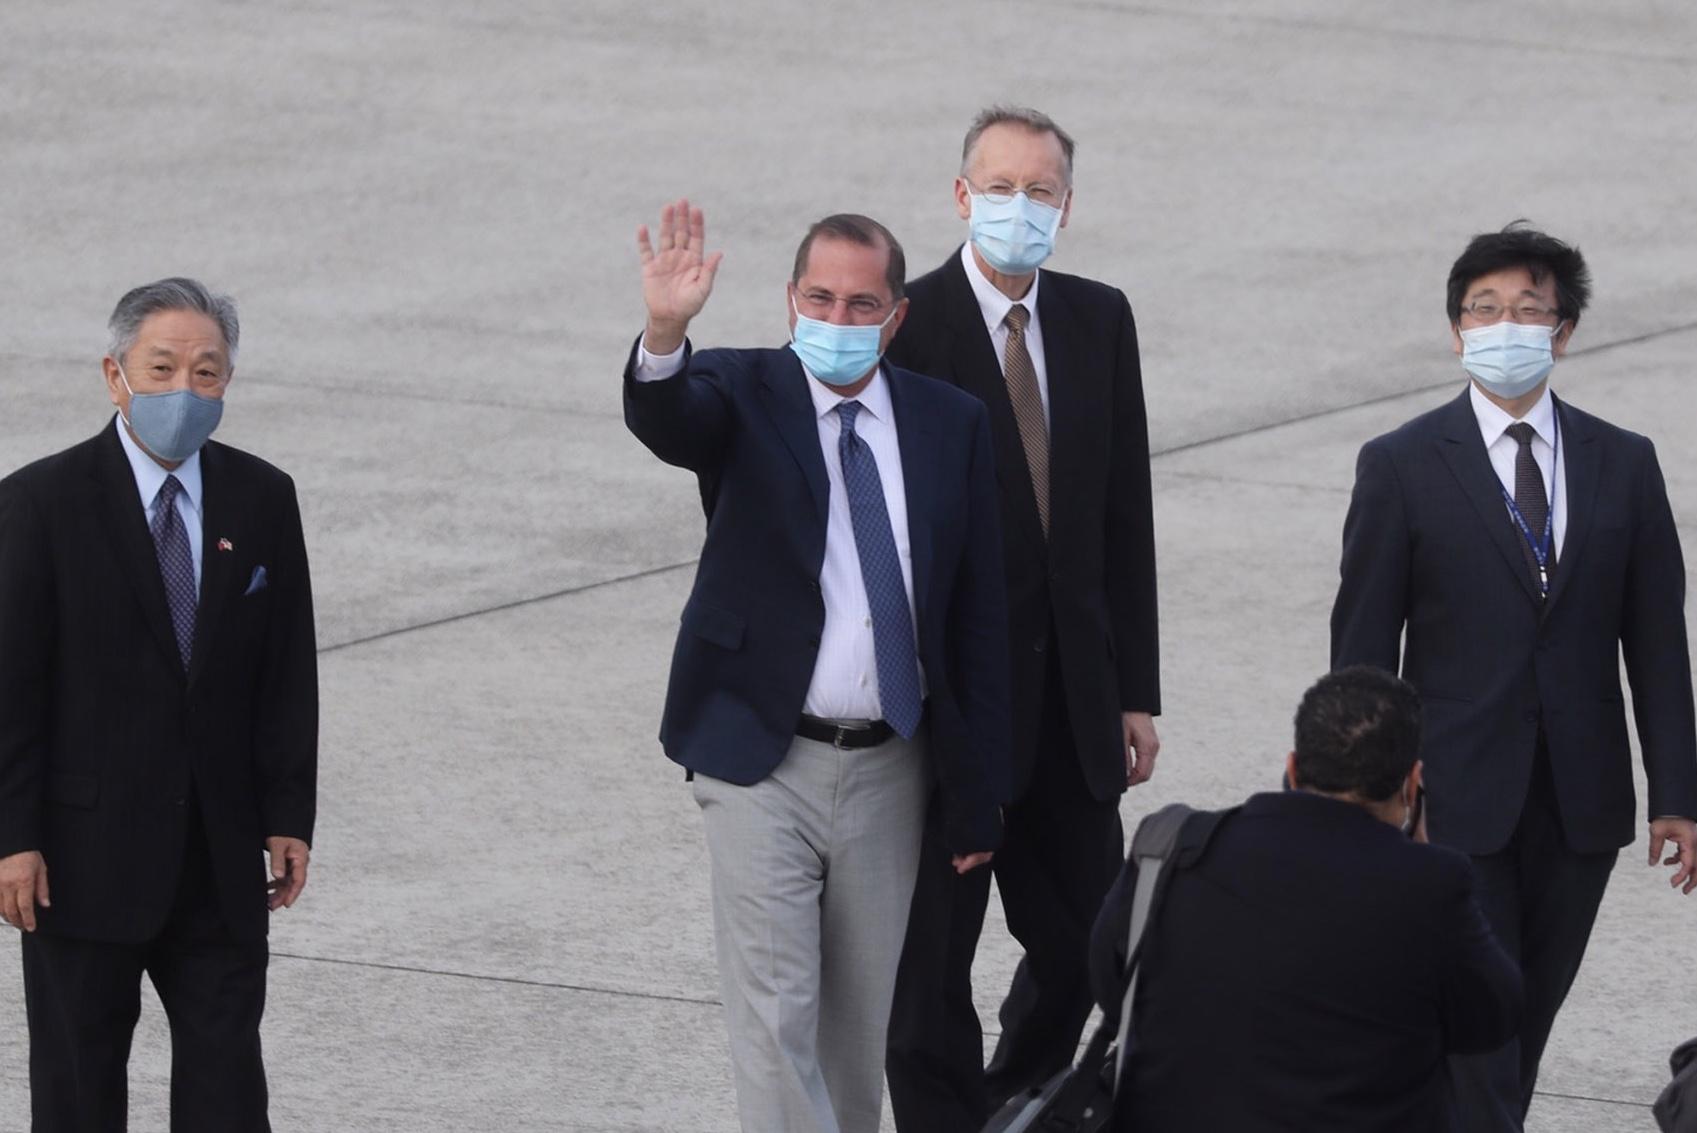 當地時間8月9日下午,美國衛生部長阿扎(Alex Azar,又稱艾薩)率訪問團搭乘美國空軍C-40B行政專機,抵達台北松山機場。(Pei Chen/POOL/AFP)